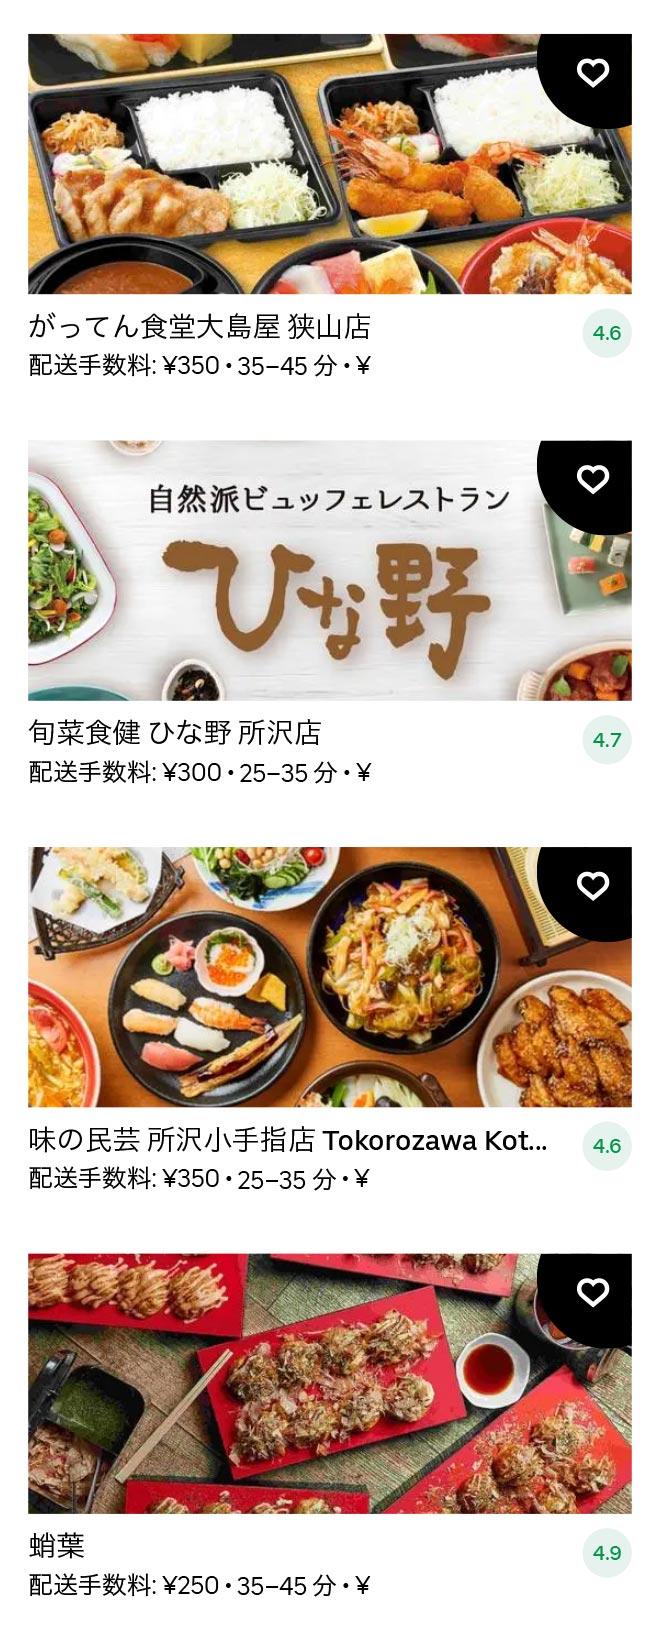 Iriso menu 2102 09